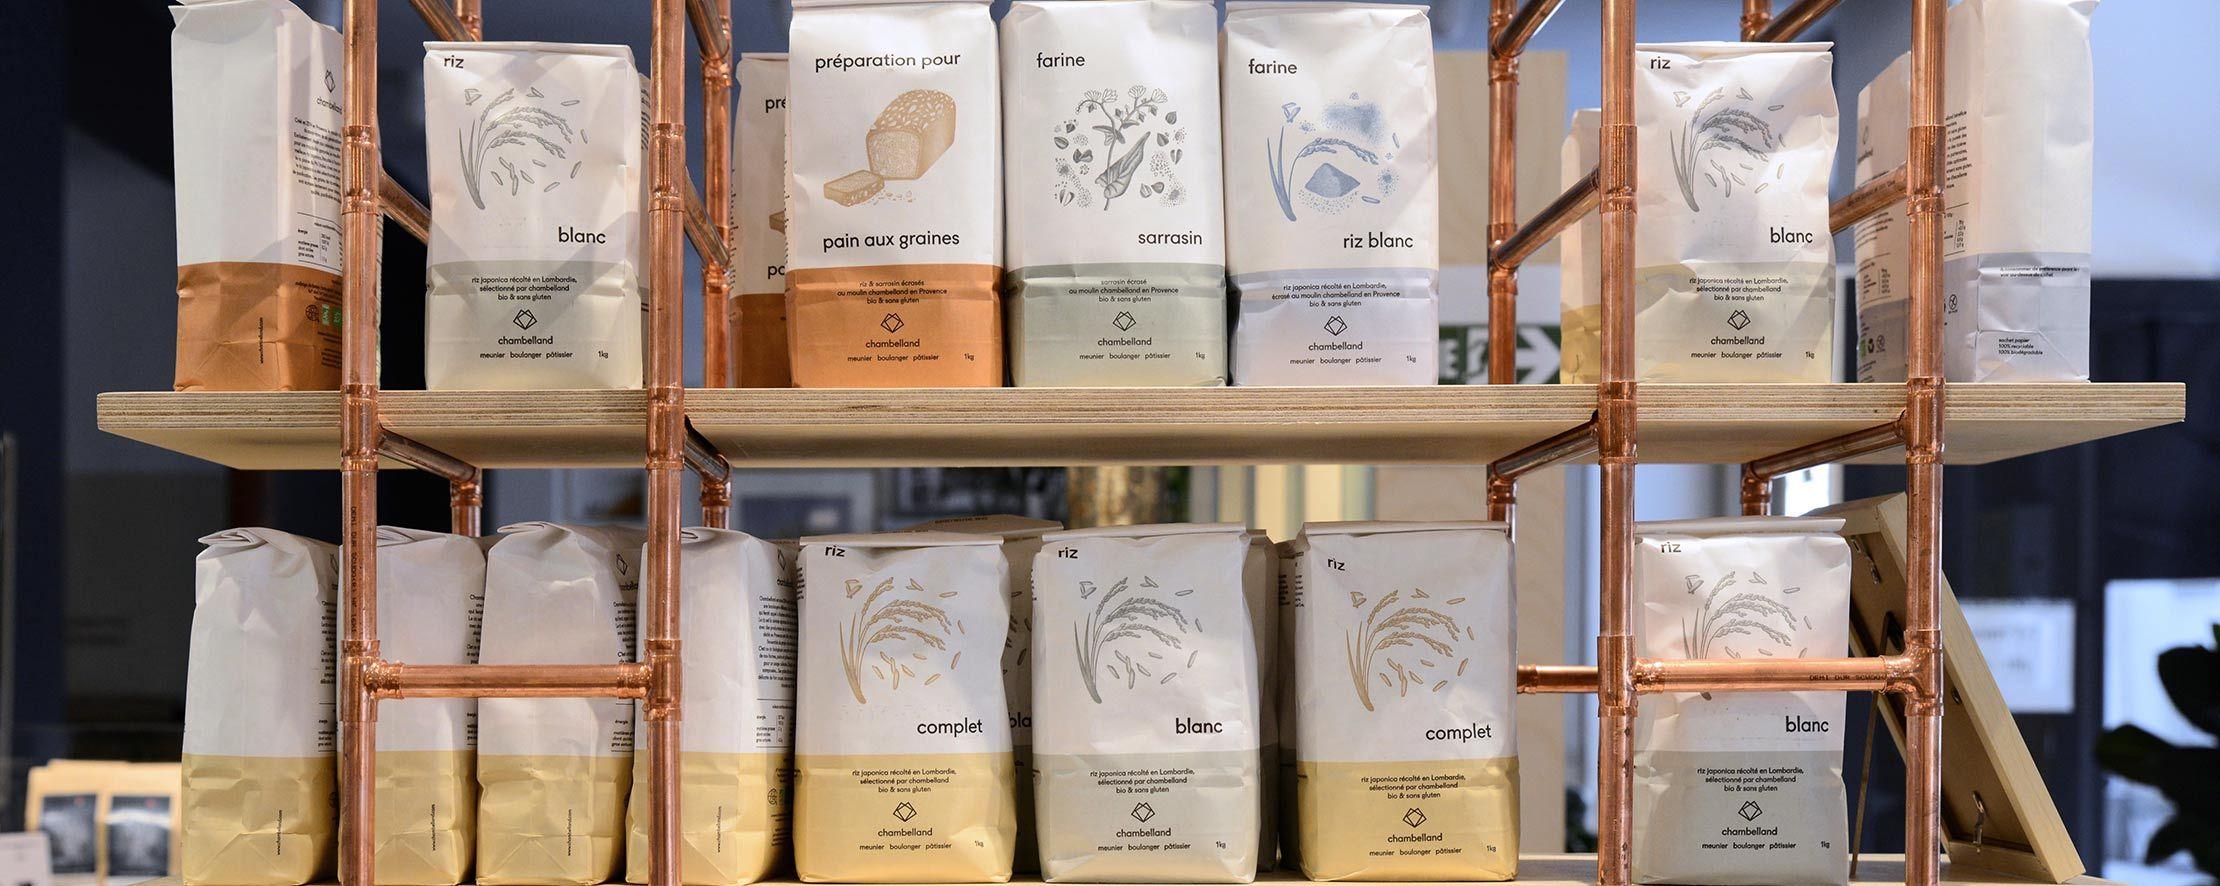 épicerie farine paquet kilo